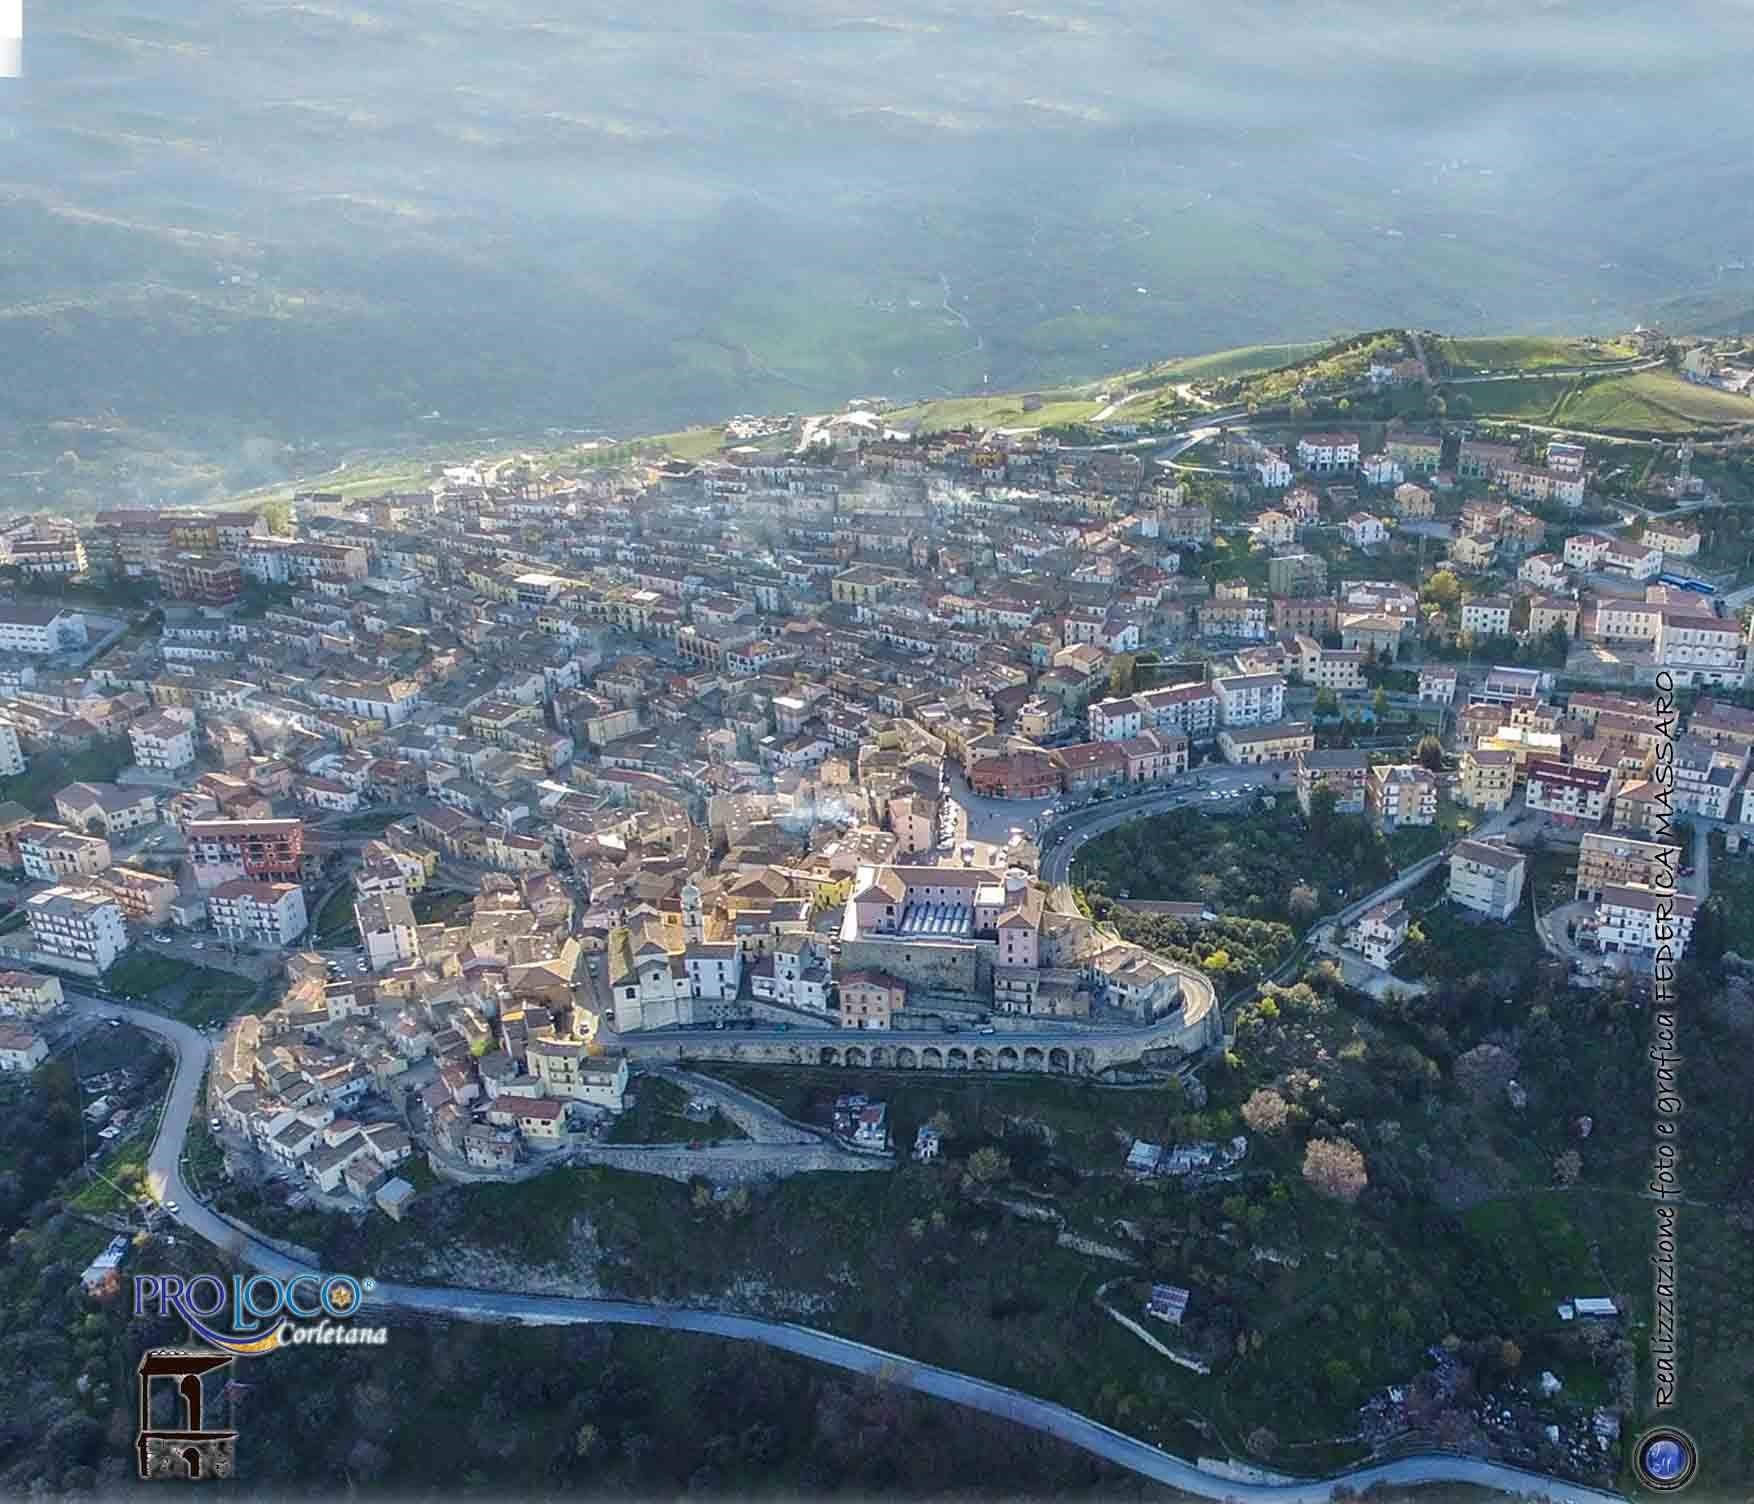 Foto dall'alto di Corleto Perticara